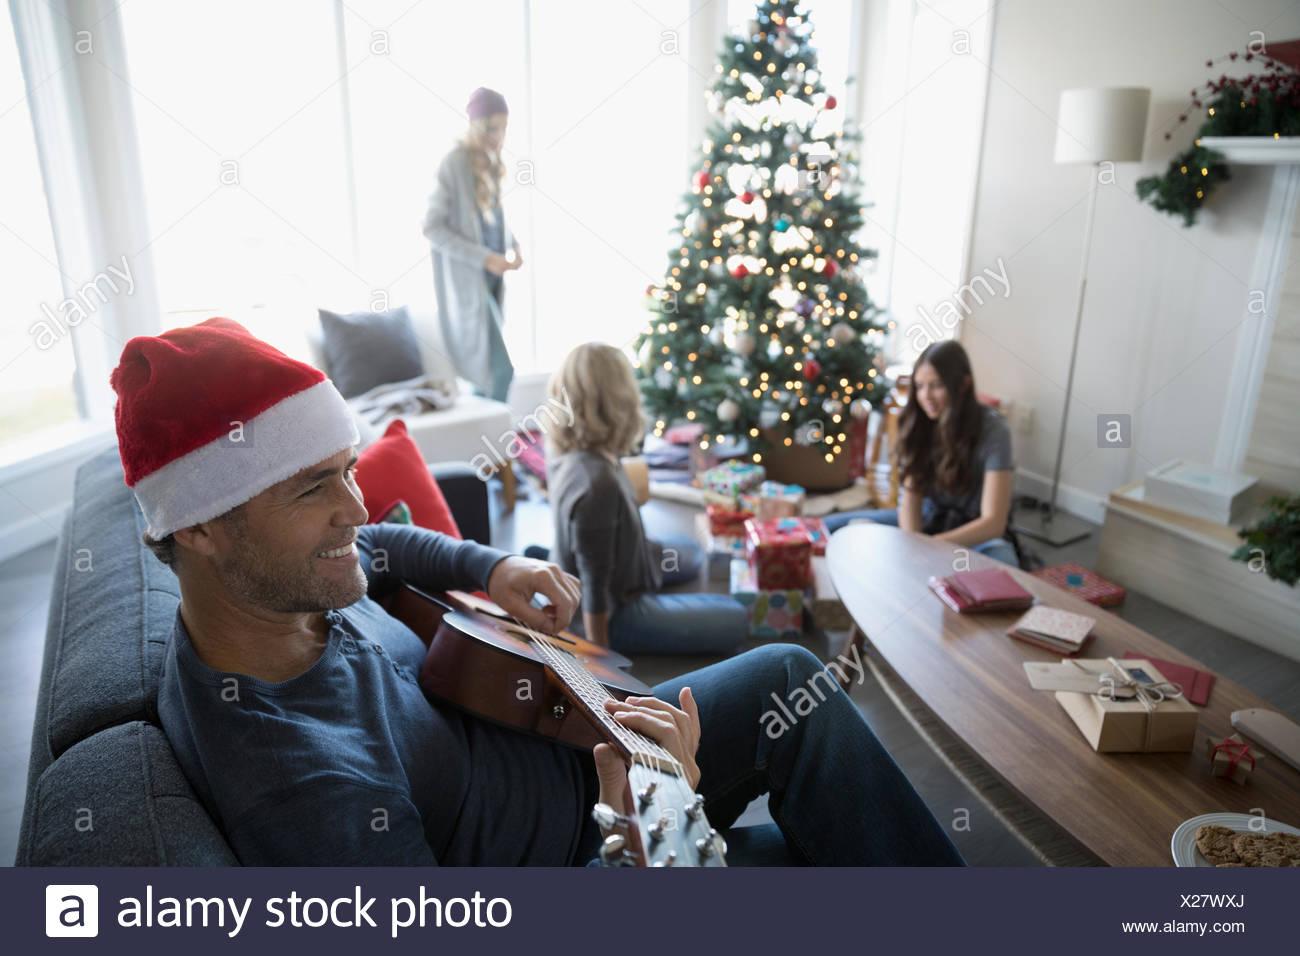 Smiling father in Santa hat à jouer de la guitare alors que la famille s'enroule cadeaux dans salon avec arbre de Noël Photo Stock